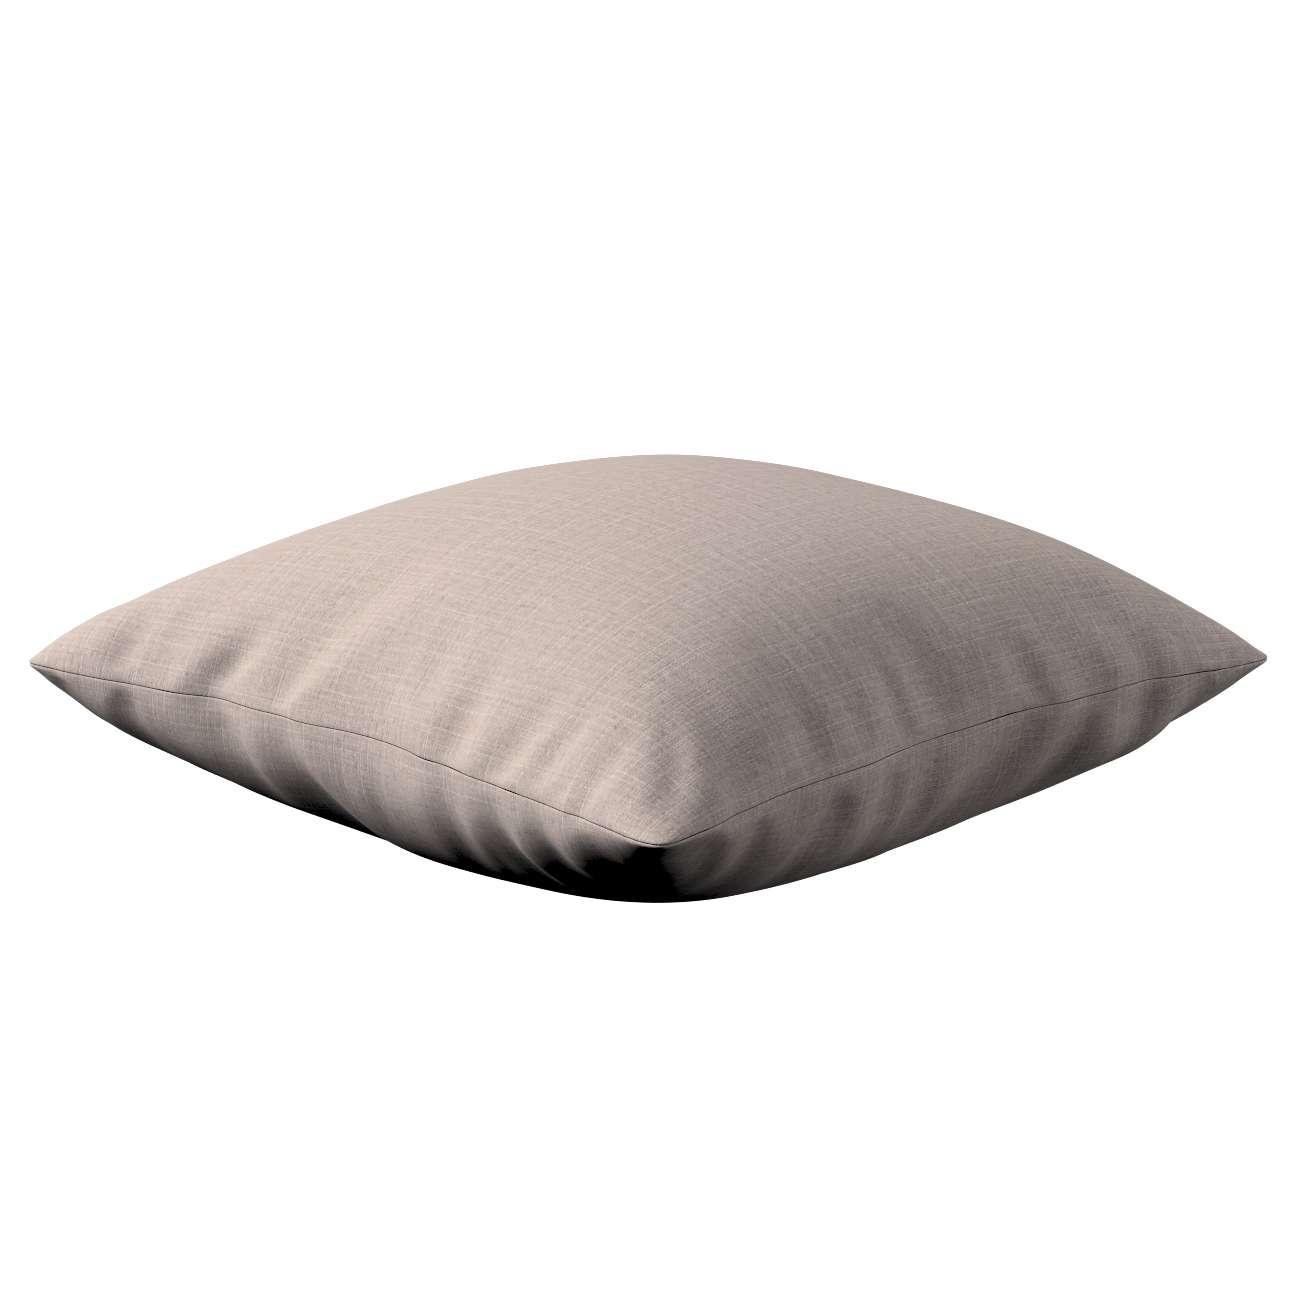 Poszewka Kinga na poduszkę w kolekcji Living, tkanina: 160-85